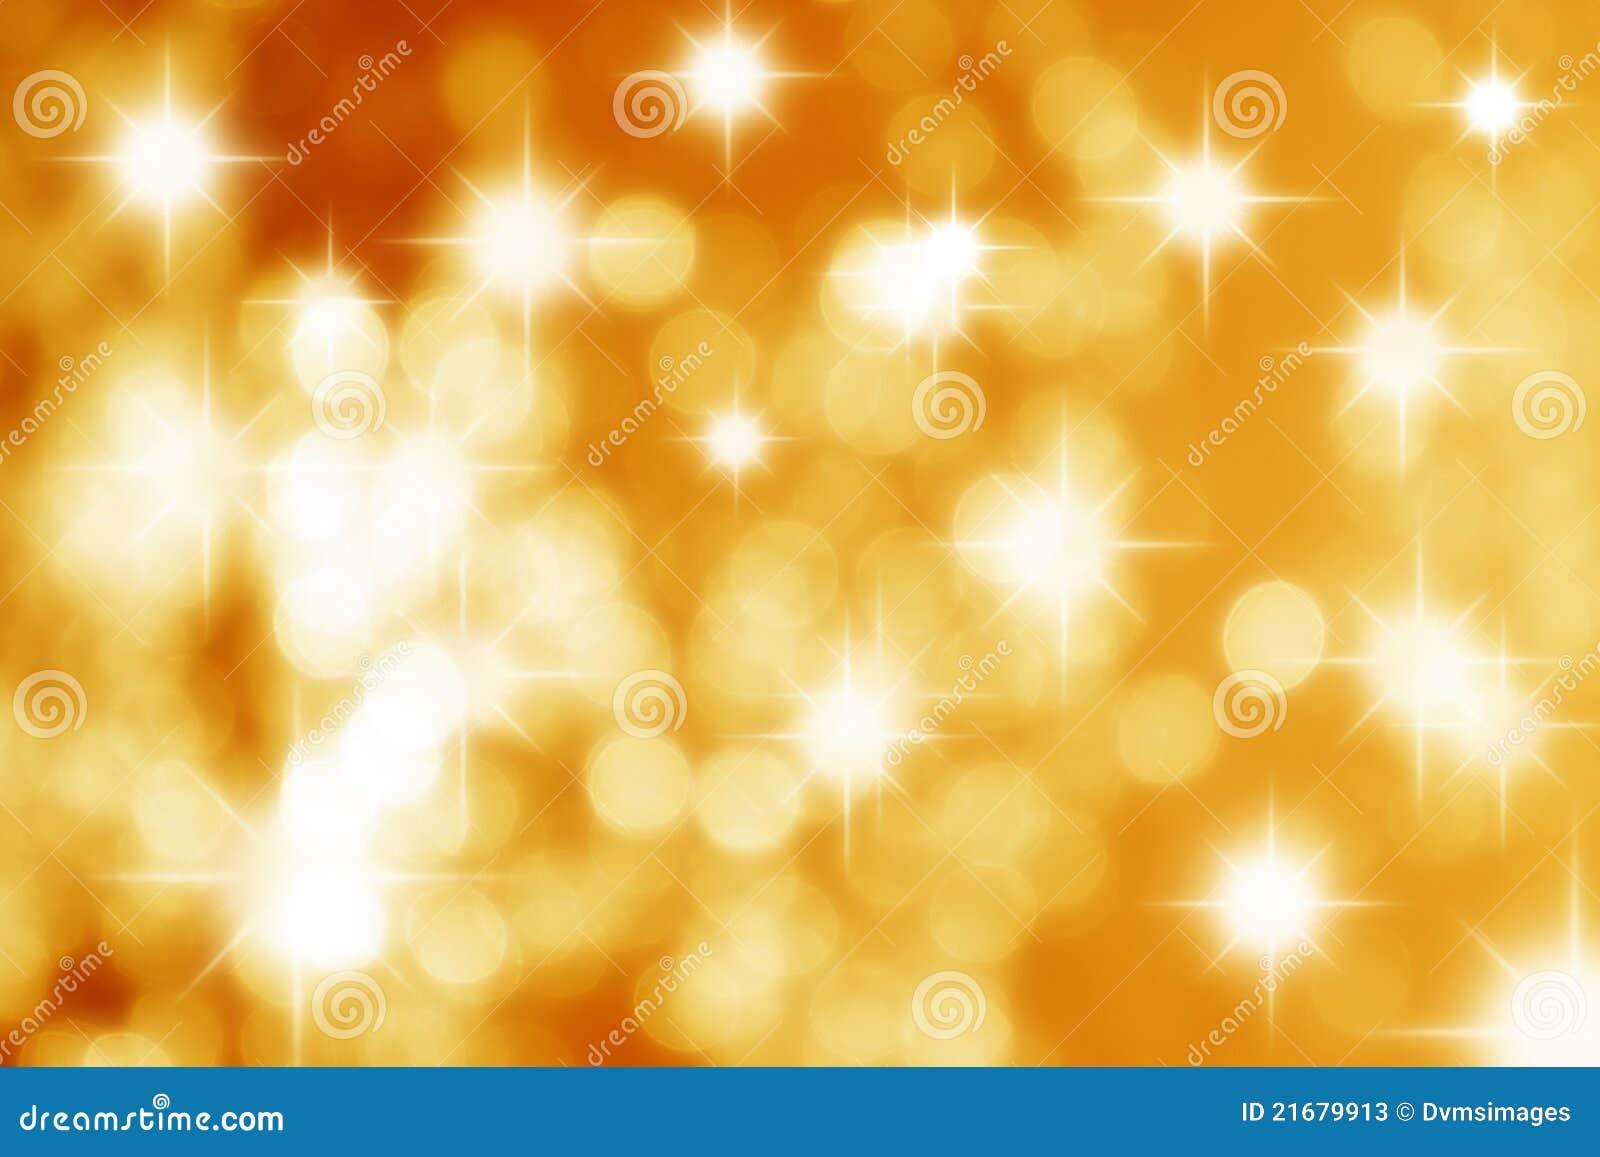 αστέρια ανασκόπησης κίτριν